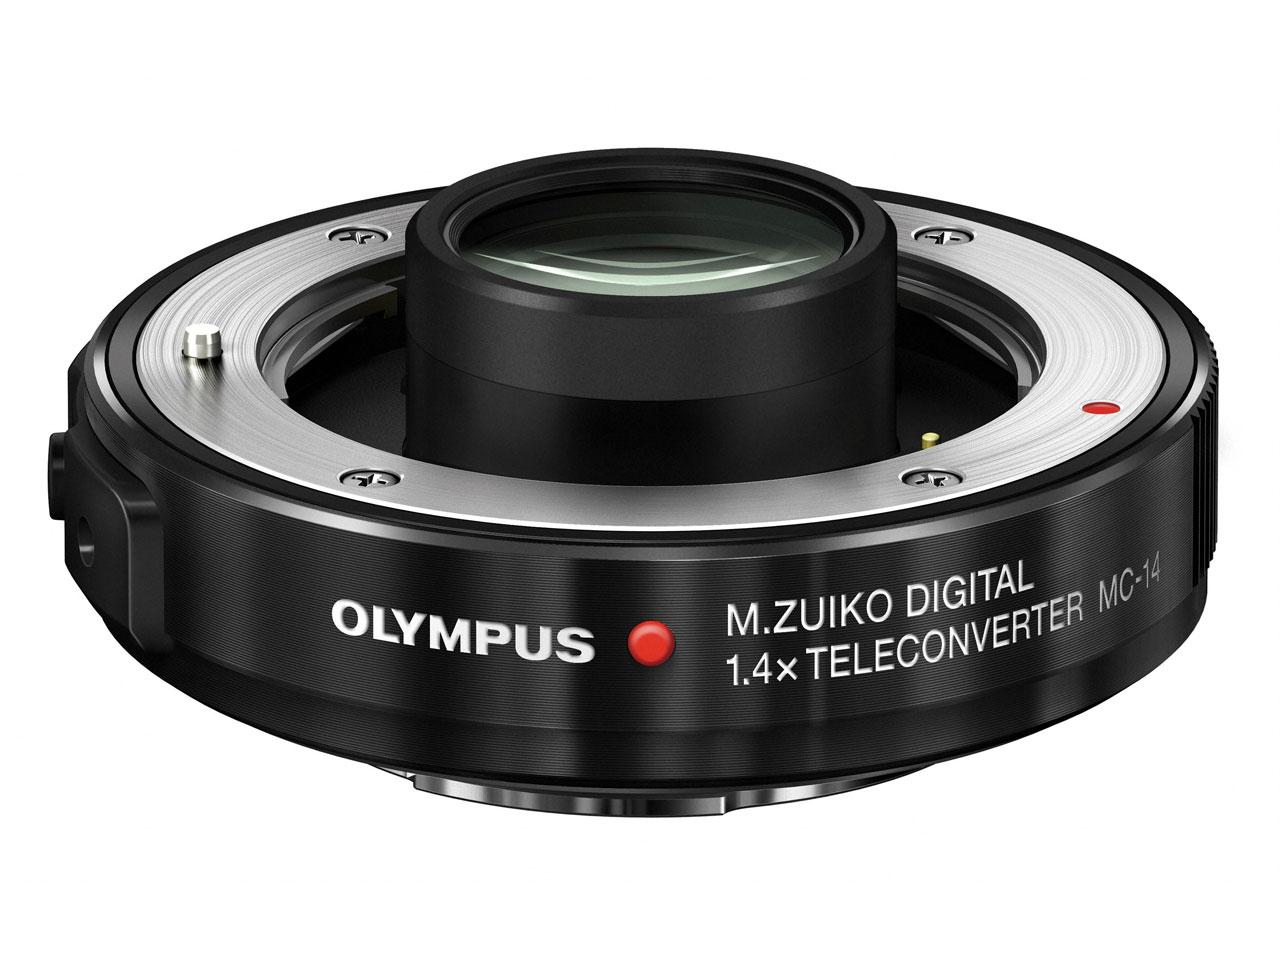 オリンパス OLYMPUS M.ZUIKO DIGITAL 1.4x Teleconverter MC-14